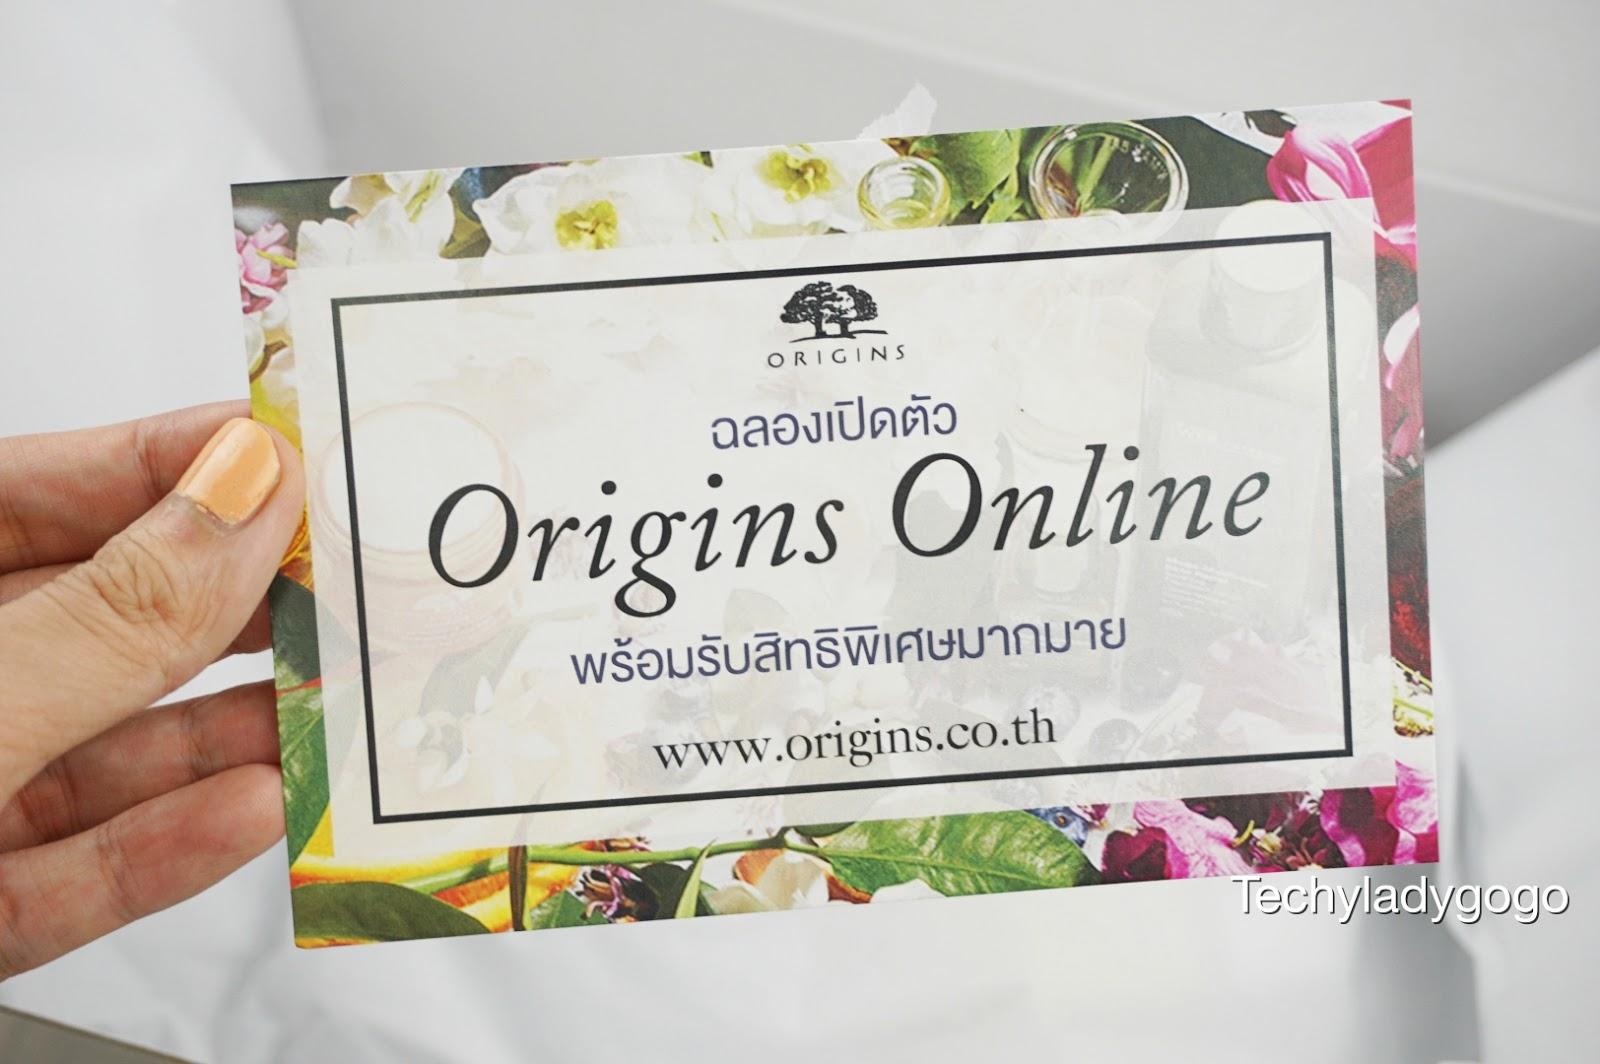 เปิดกล่องช้อปปิ้ง ORIGINS Online เว็บไซต์เครื่องสำอางออริจินส์ออนไลน์ ช้อปสะดวก ของแถมเพียบ